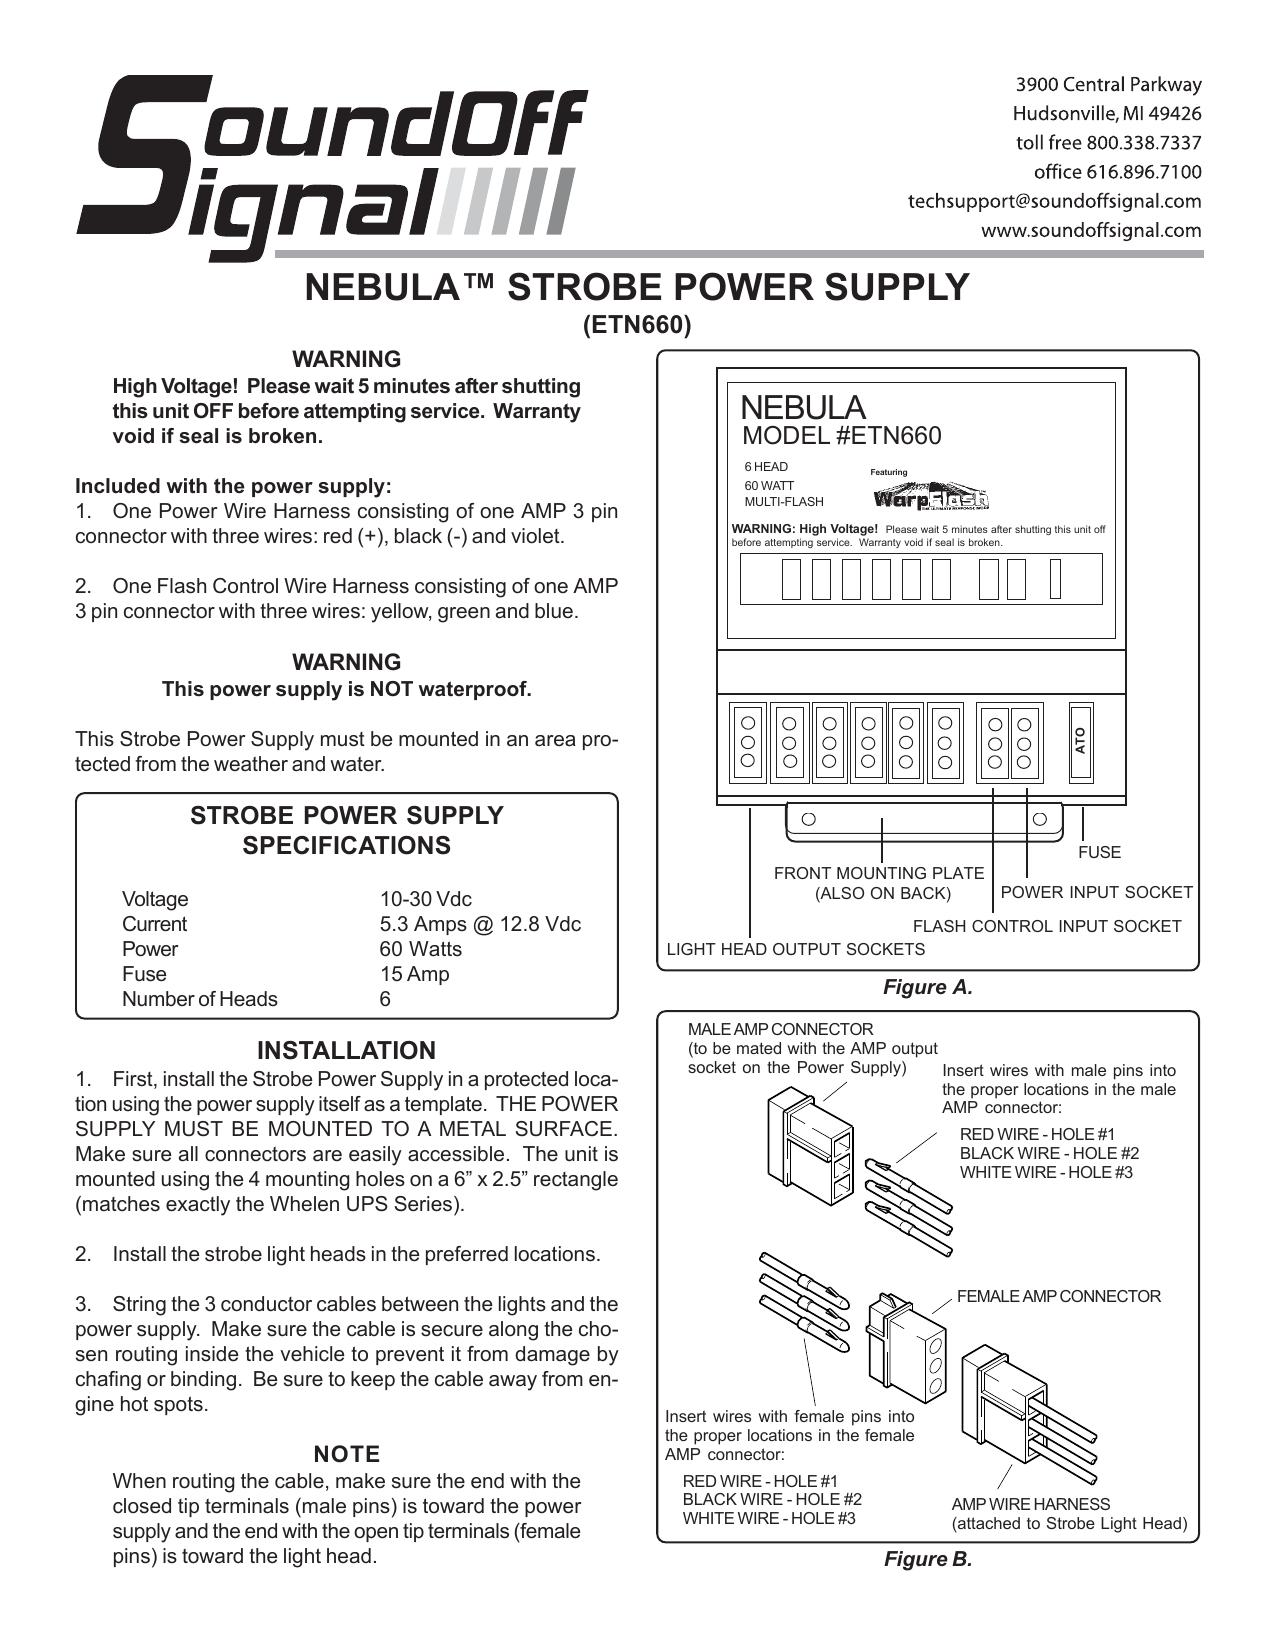 NEBULA™ STROBE POWER SUPPLY | manualzz.com on